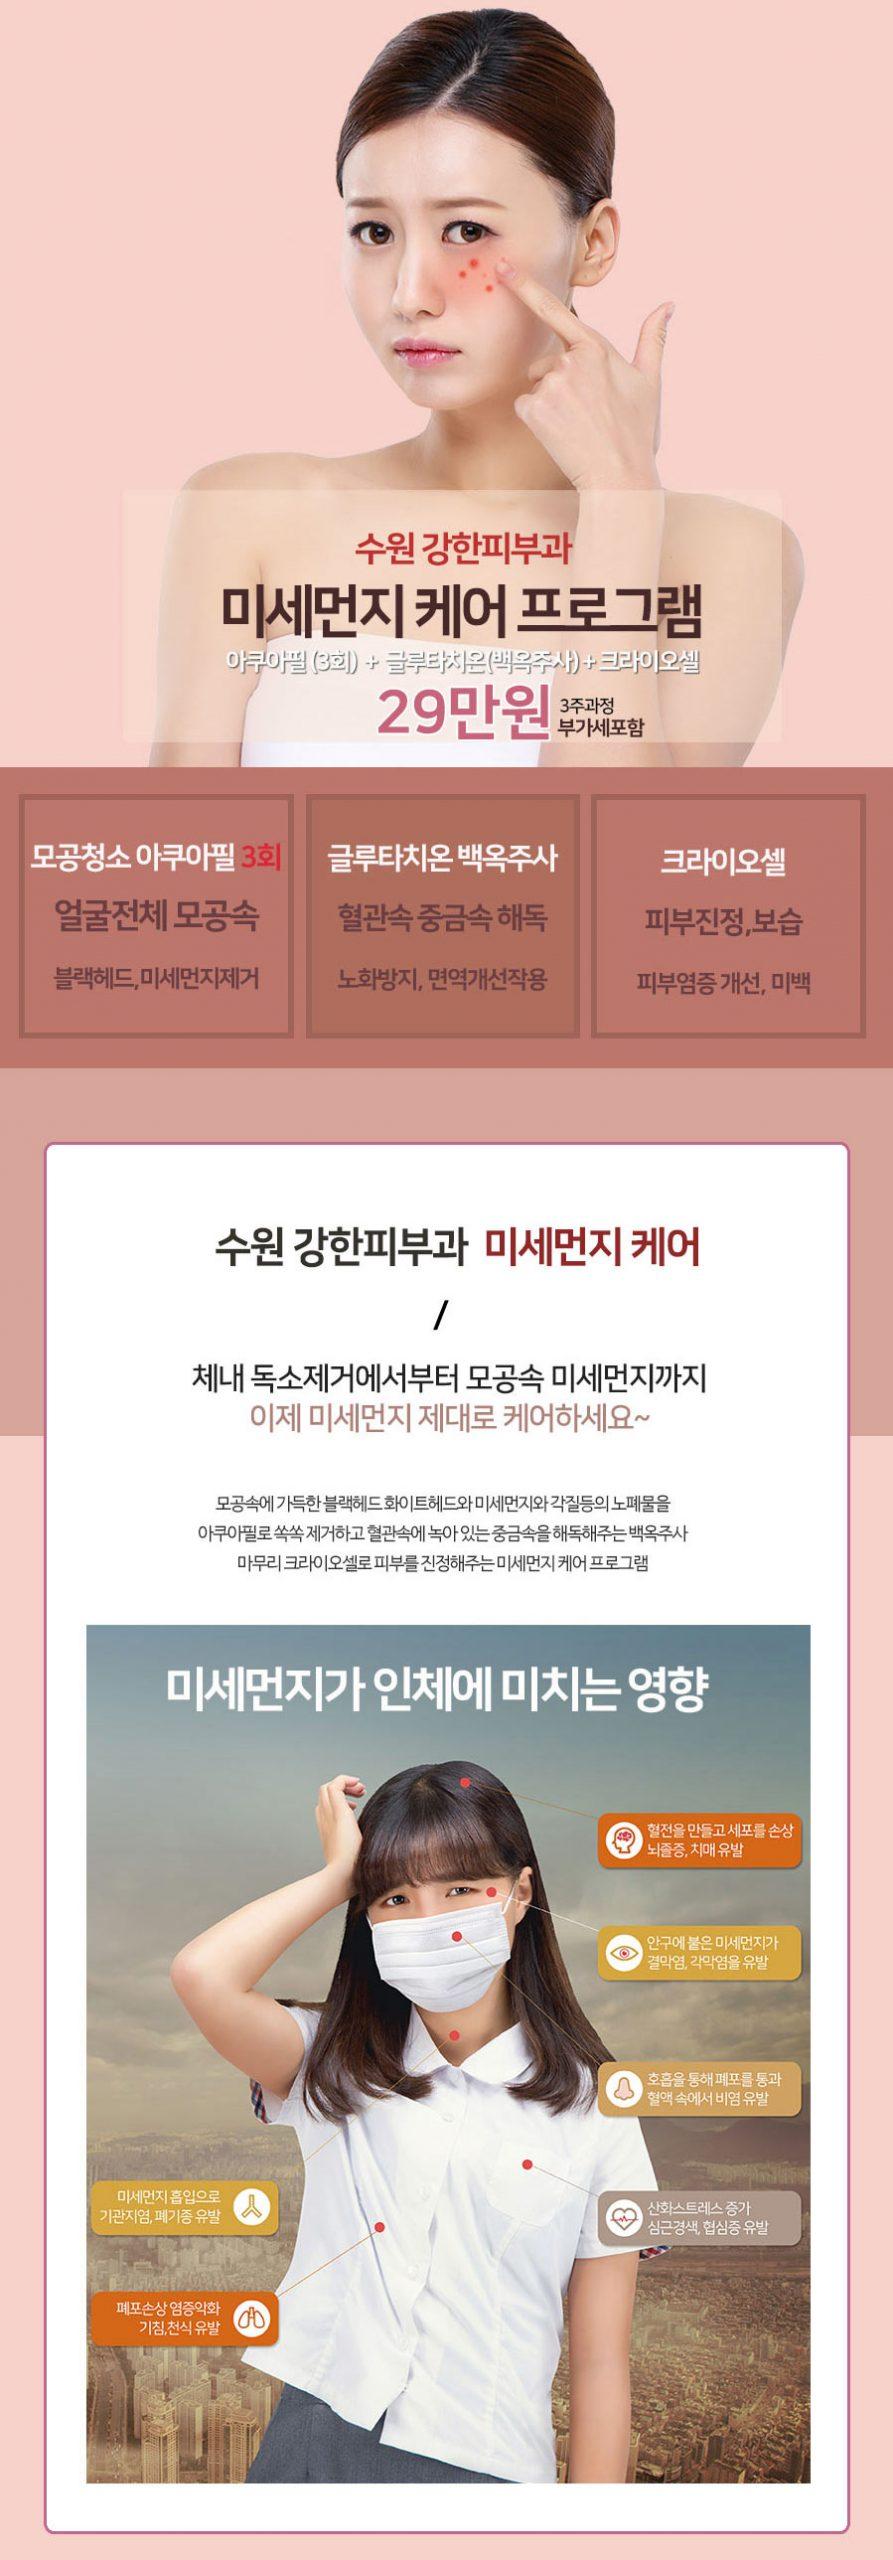 수원 미세먼지 아쿠아필